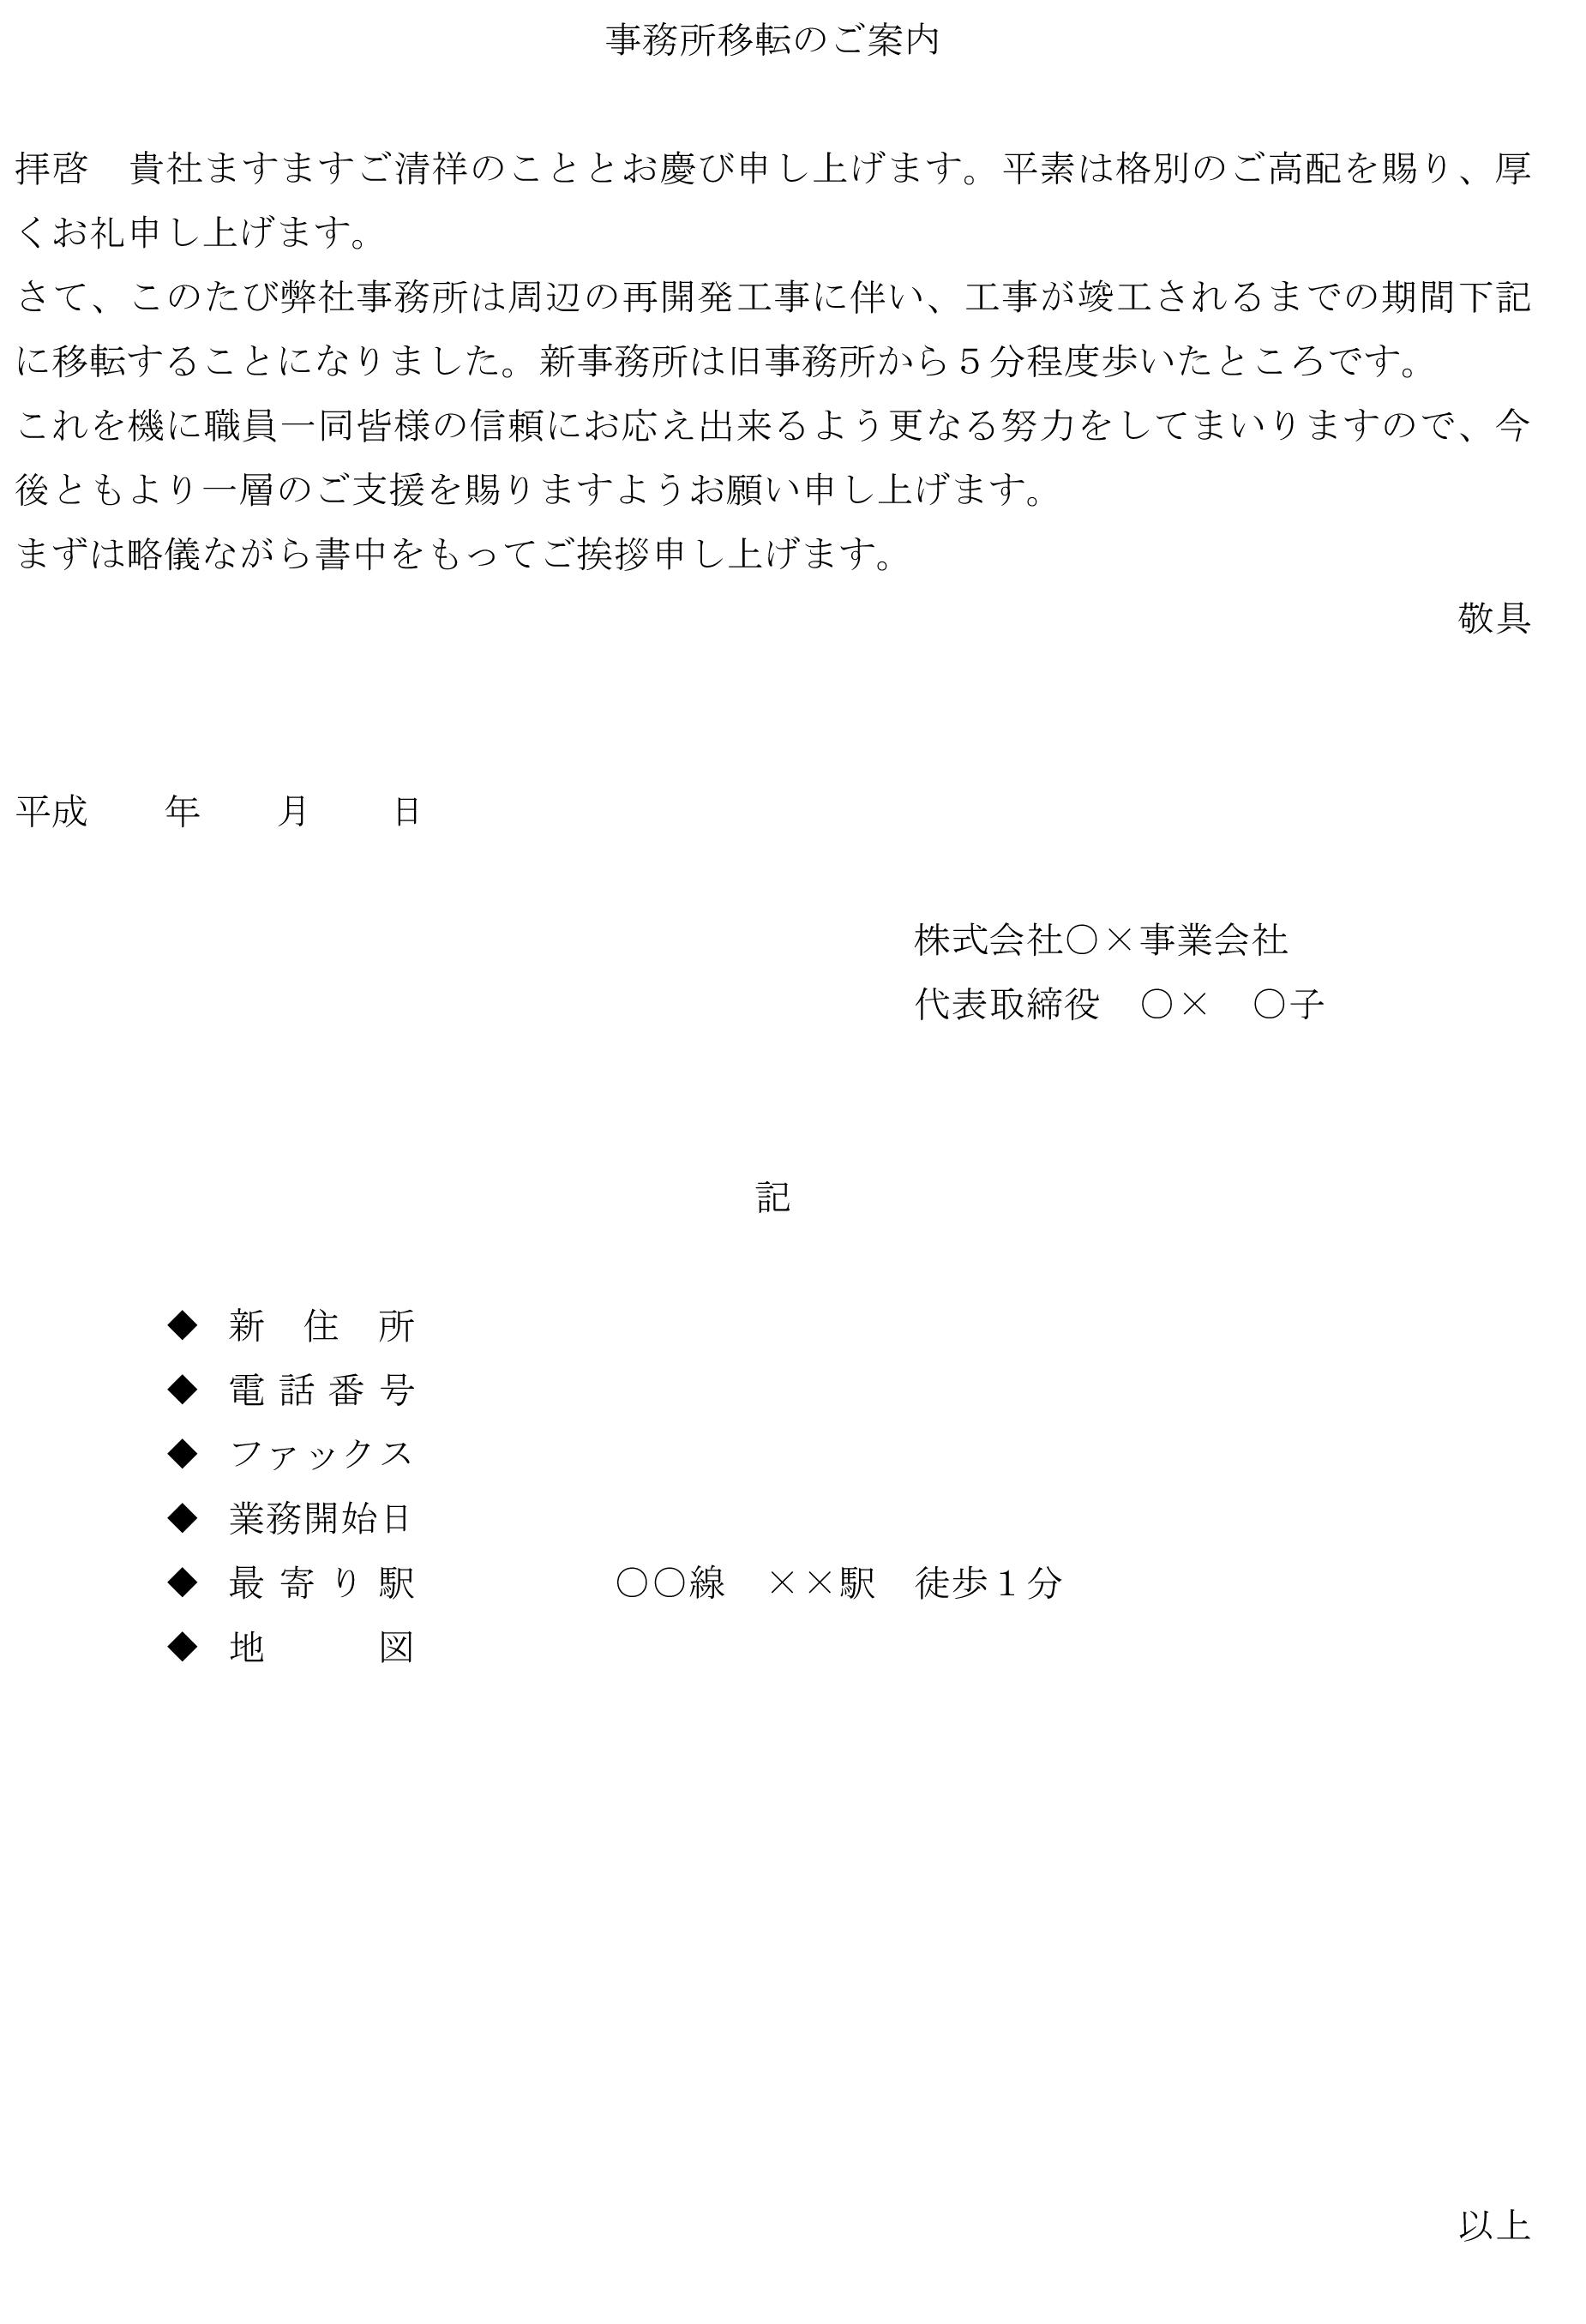 案内状(事務所移転)